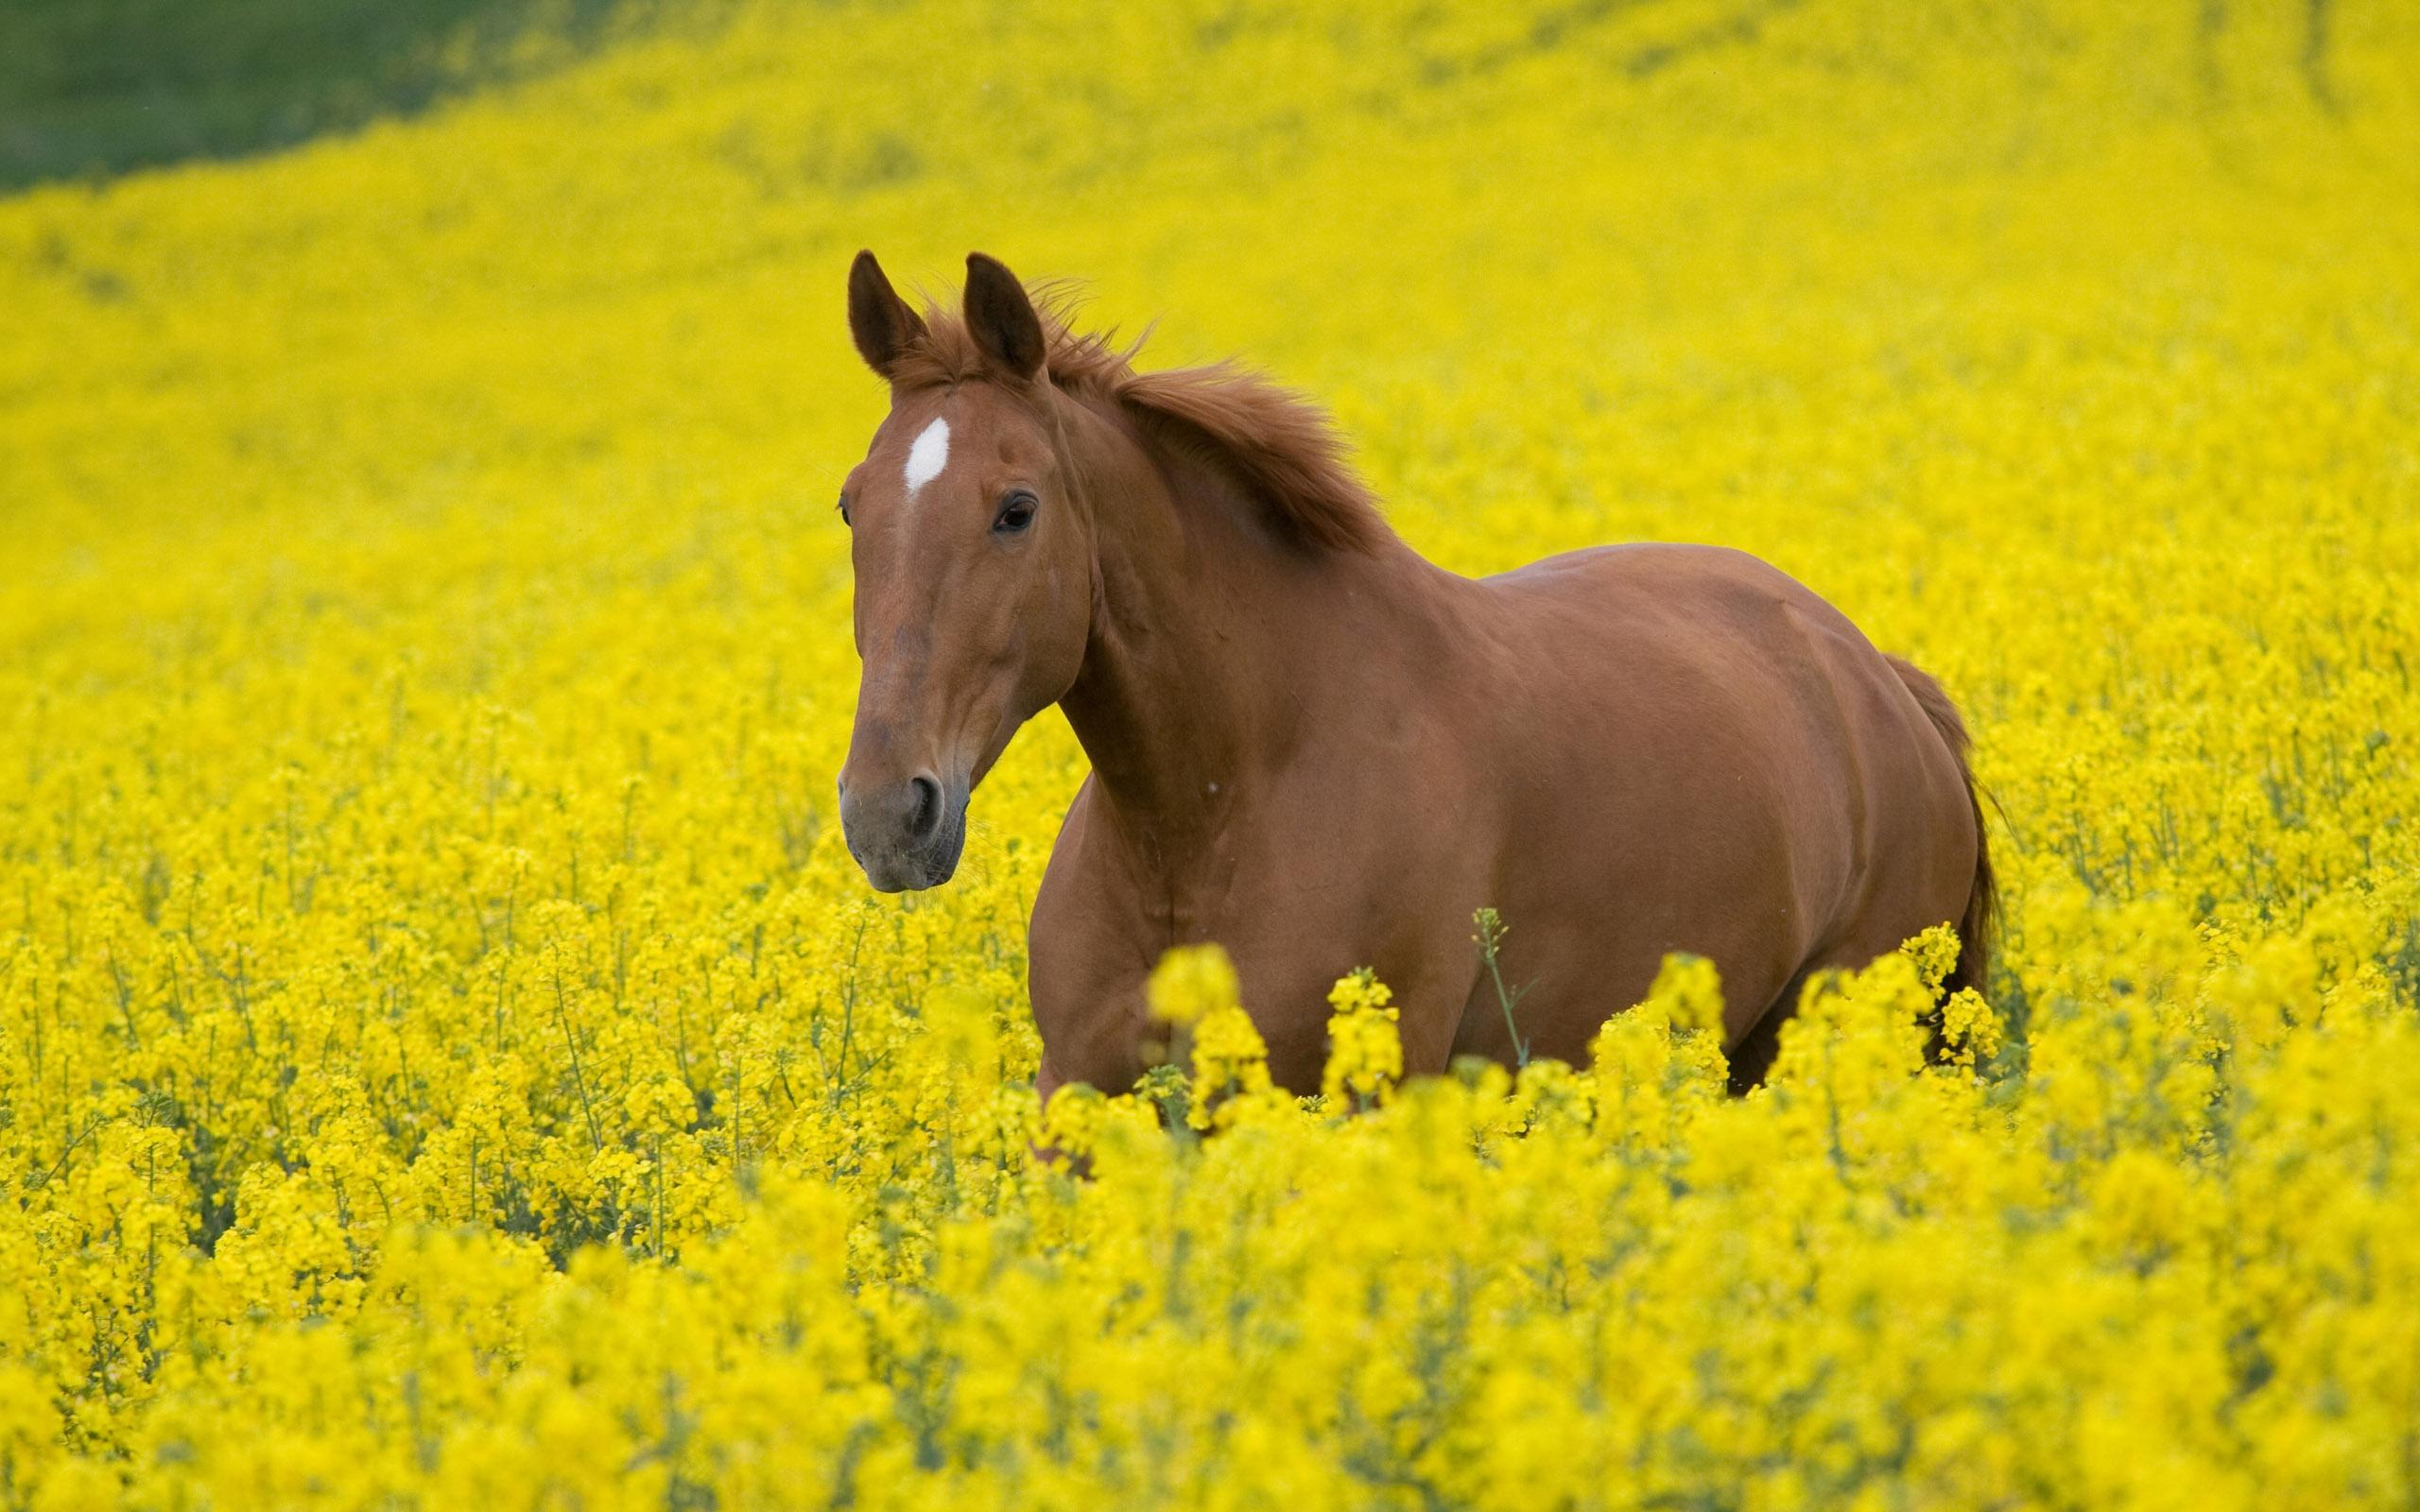 Brown Horse Wallpapers Desktop Wallpapers 2560x1600